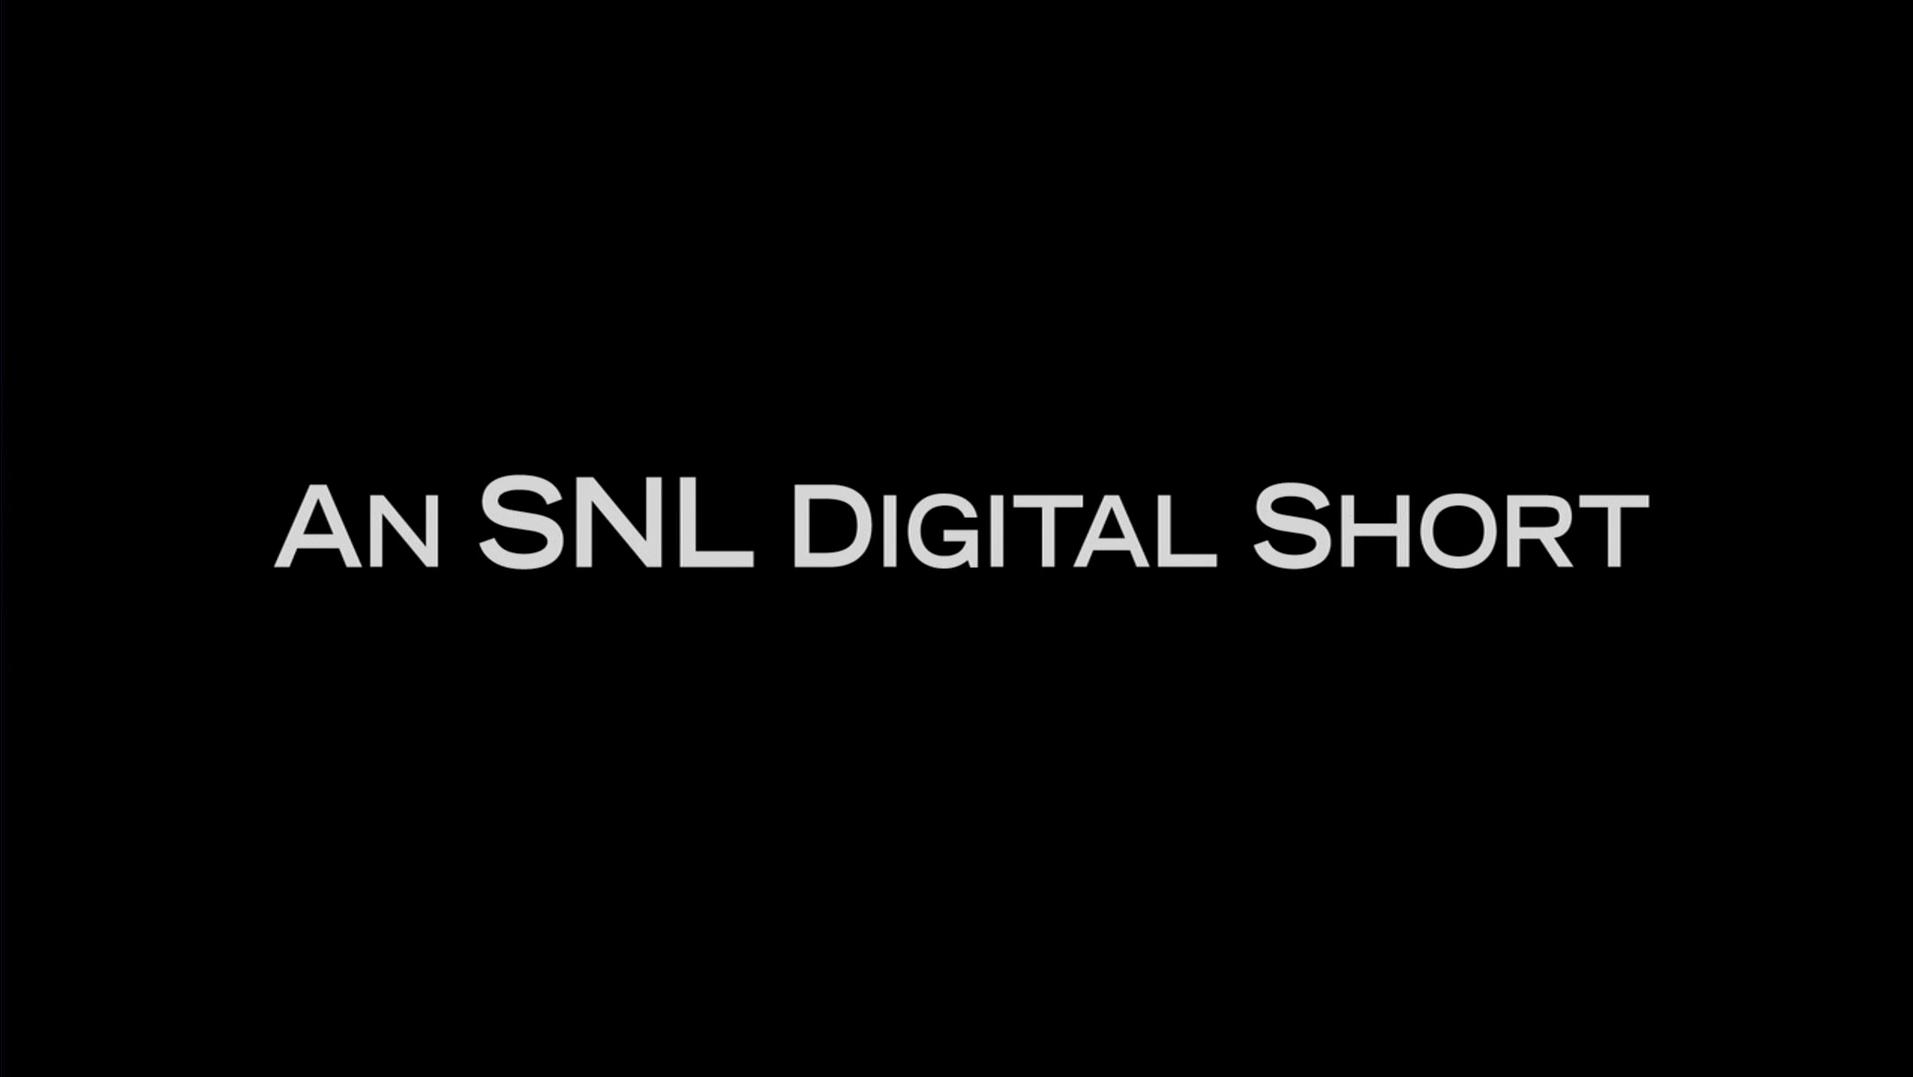 Snl Digital Short Wikipedia